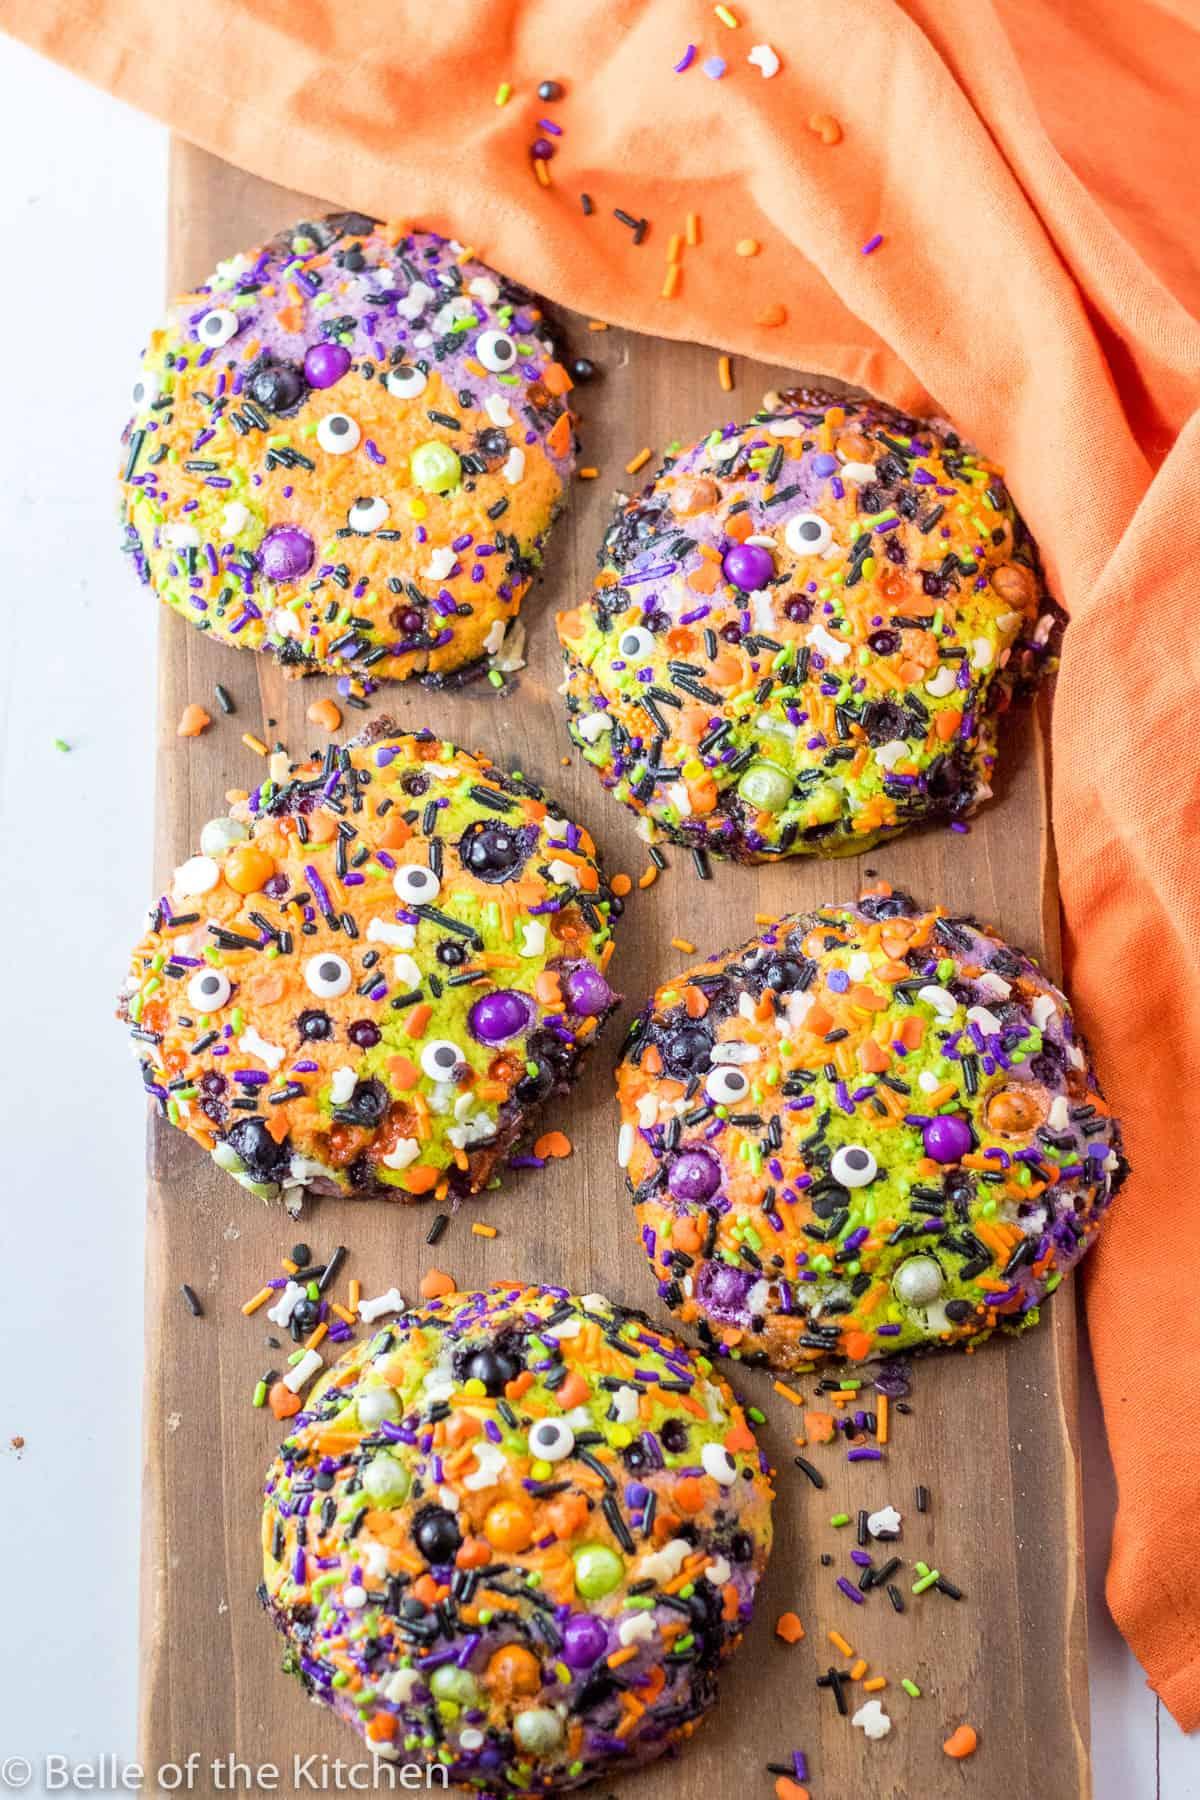 Halloween Desserts - Halloween Sugar Cookies with Sprinkles